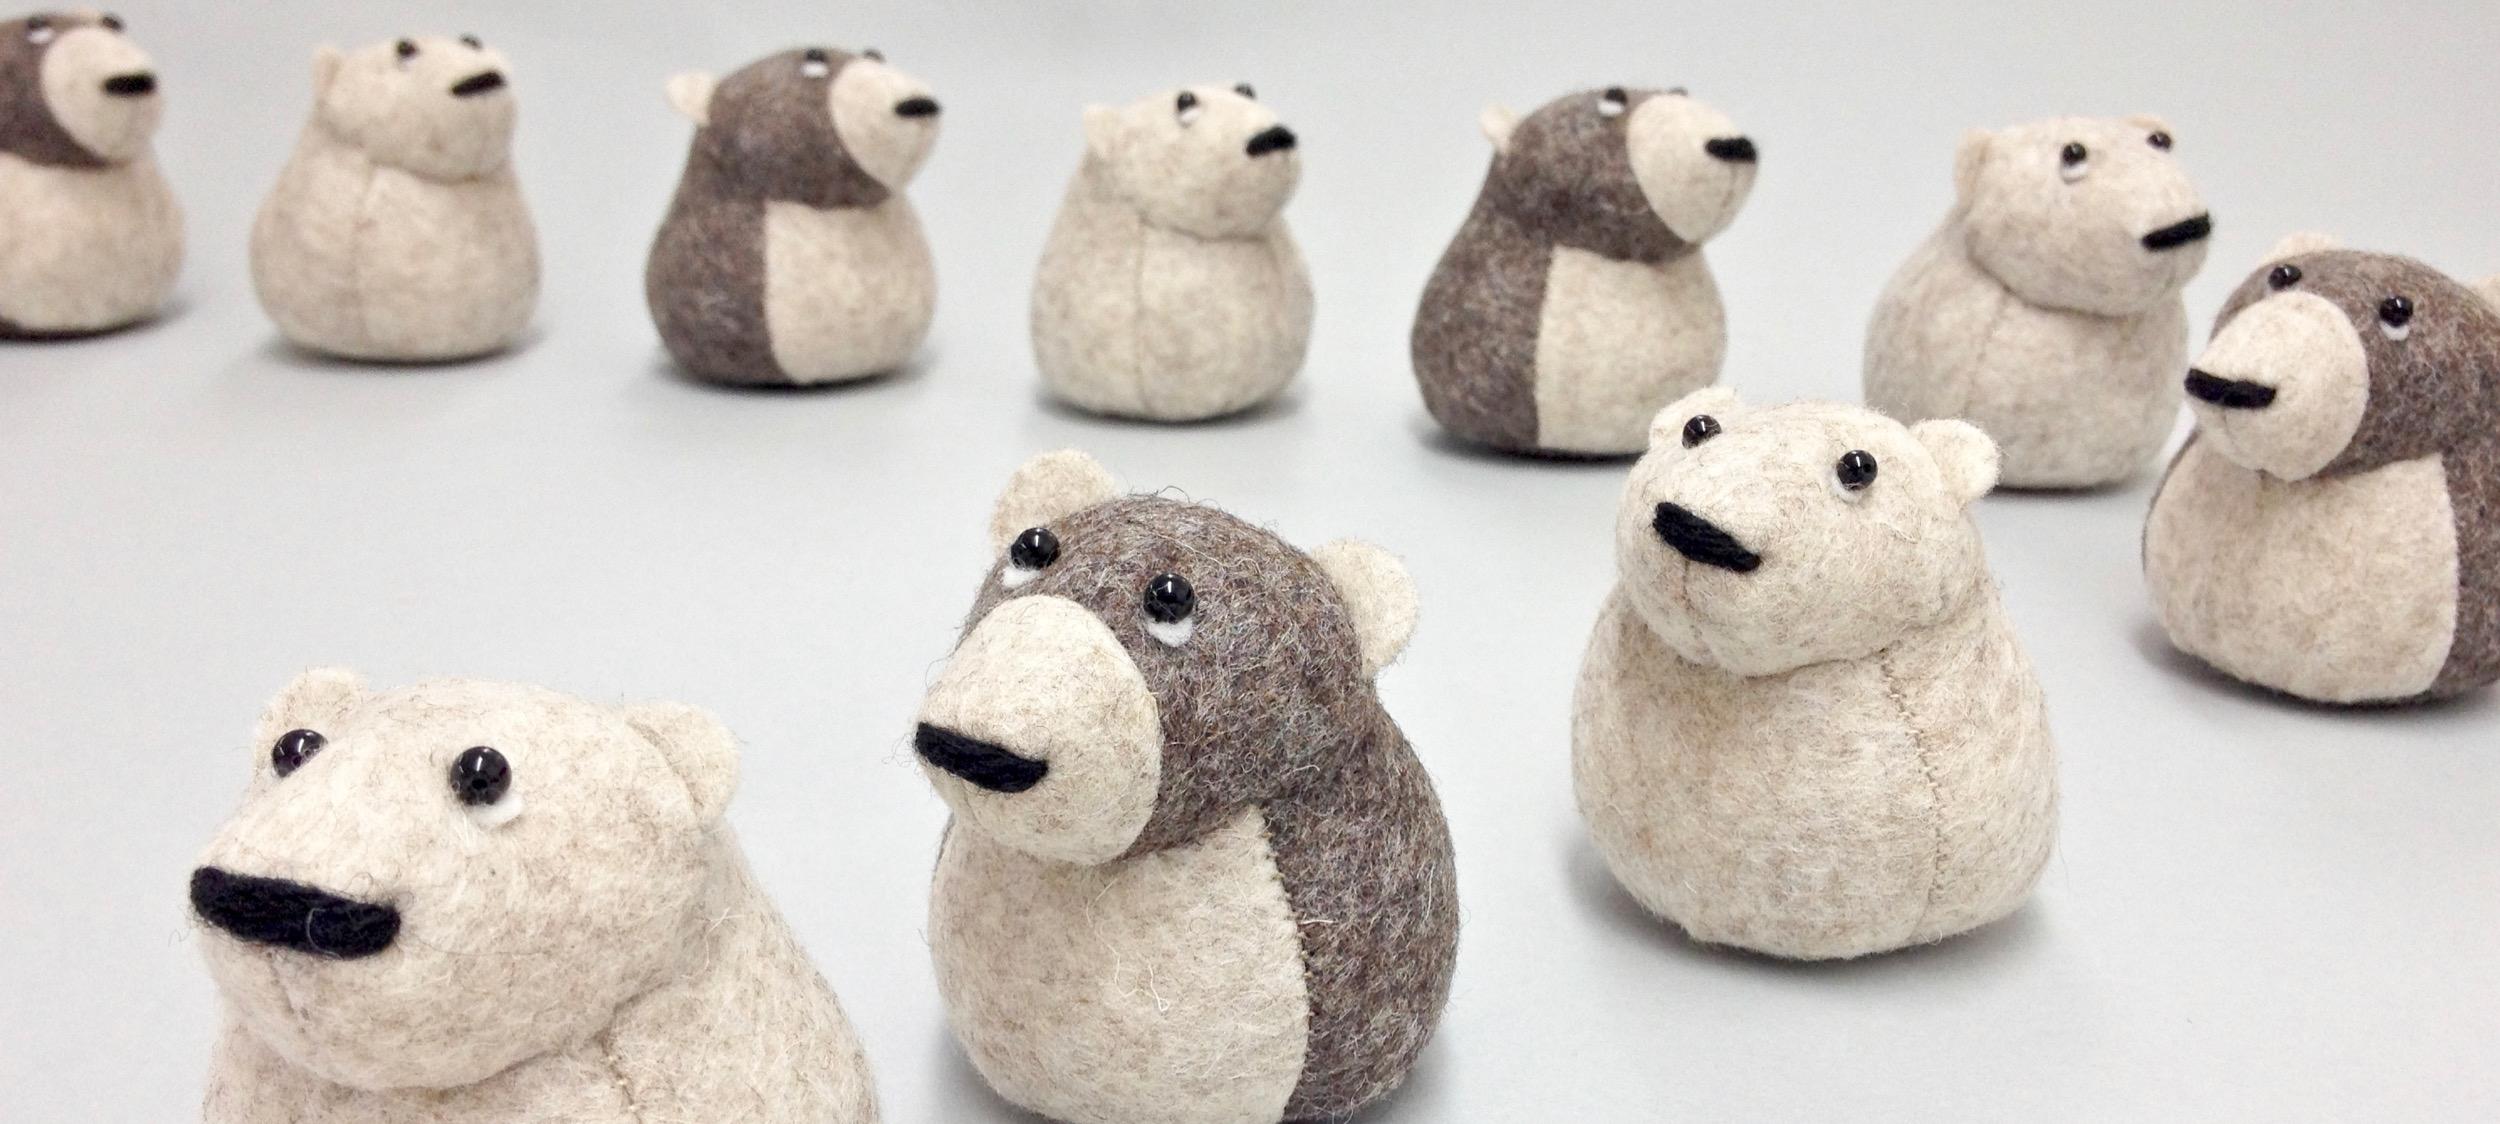 Bilberry Woods story book characters handmade by Laura Mirjami | Mirjami Design.